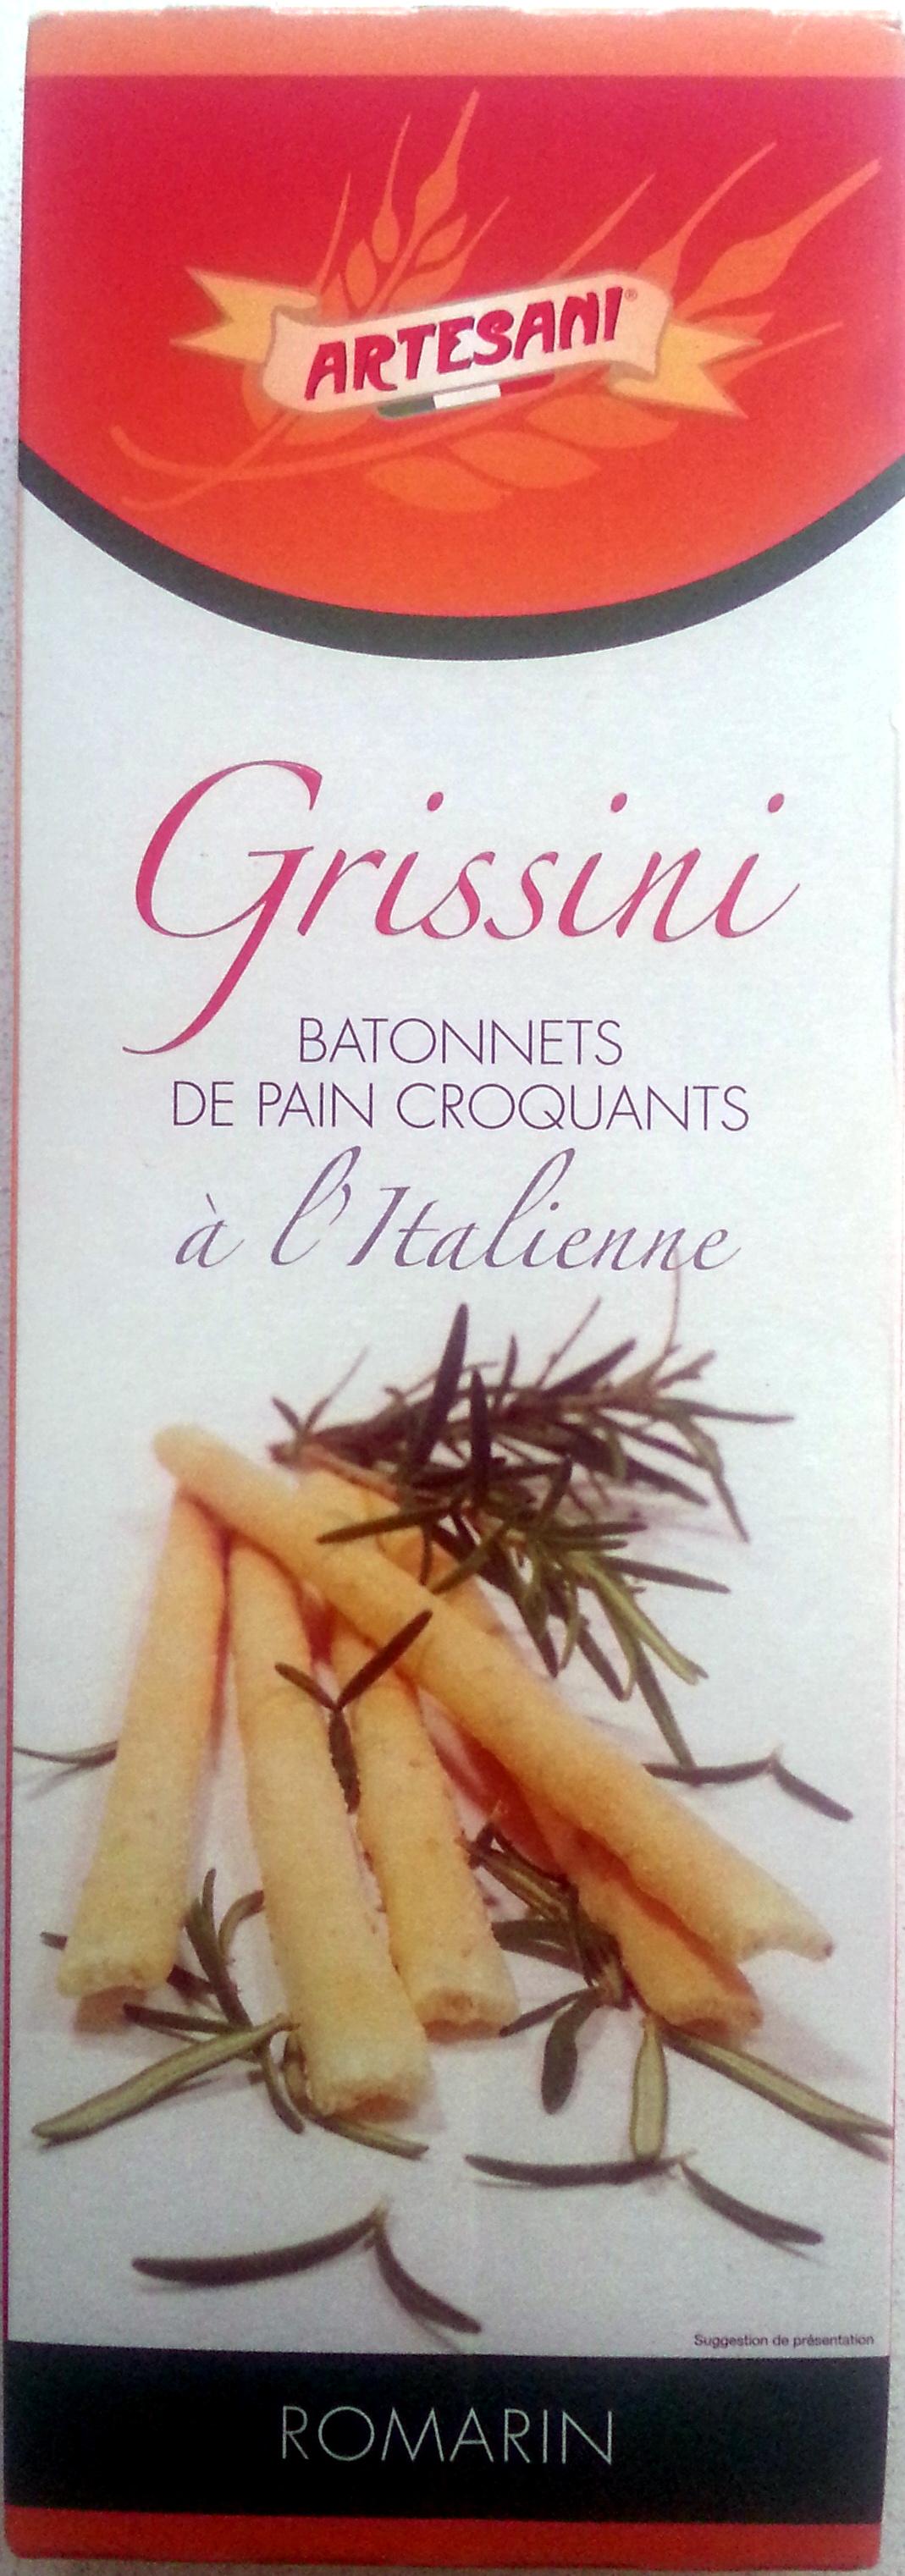 Grissini Romarin - Bâtonnets de pain croquants à l'Italienne - Produit - fr